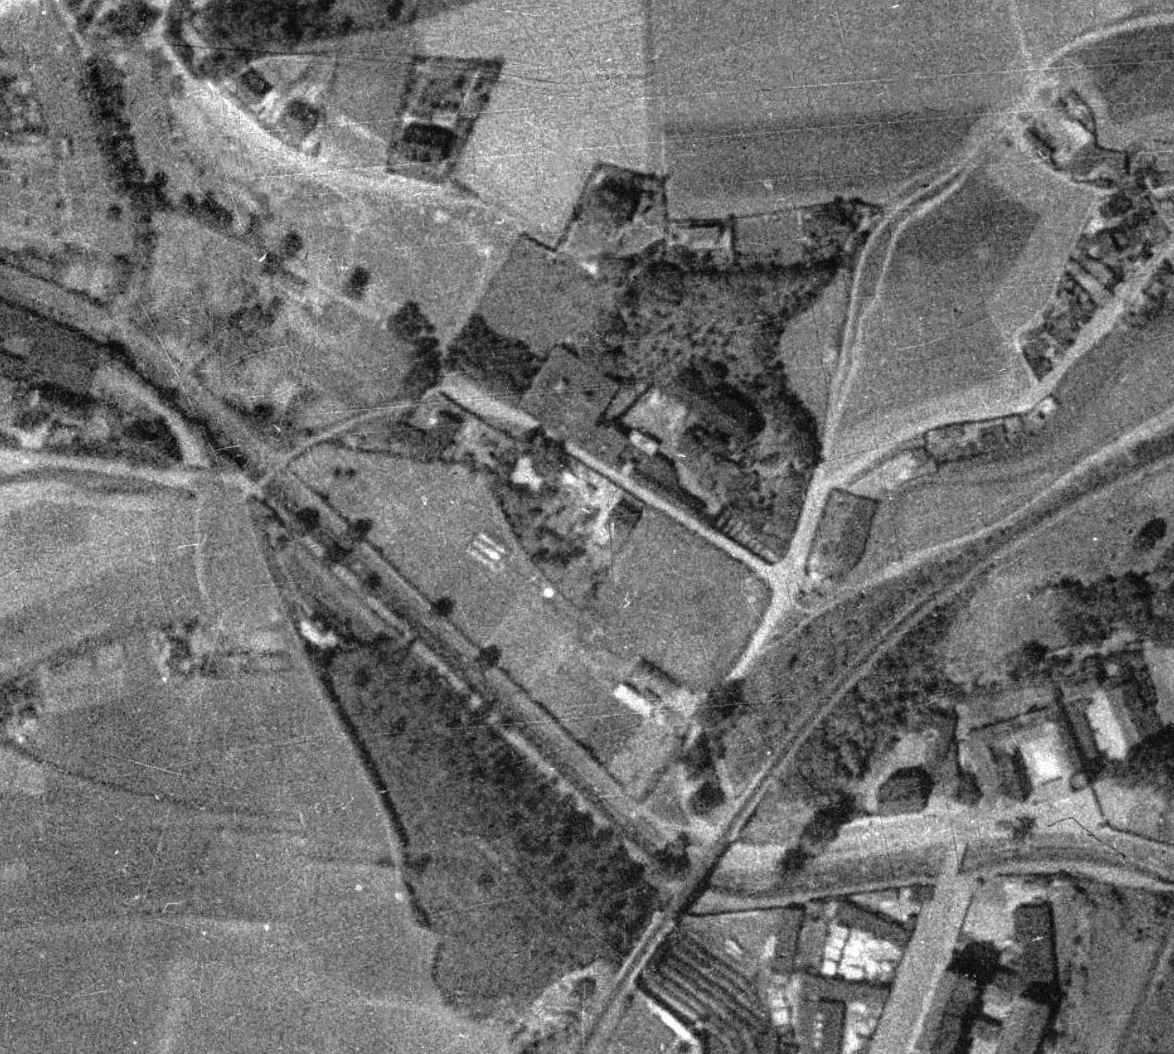 nouzova-kolonie-kliharka-letecky-snimek-1938